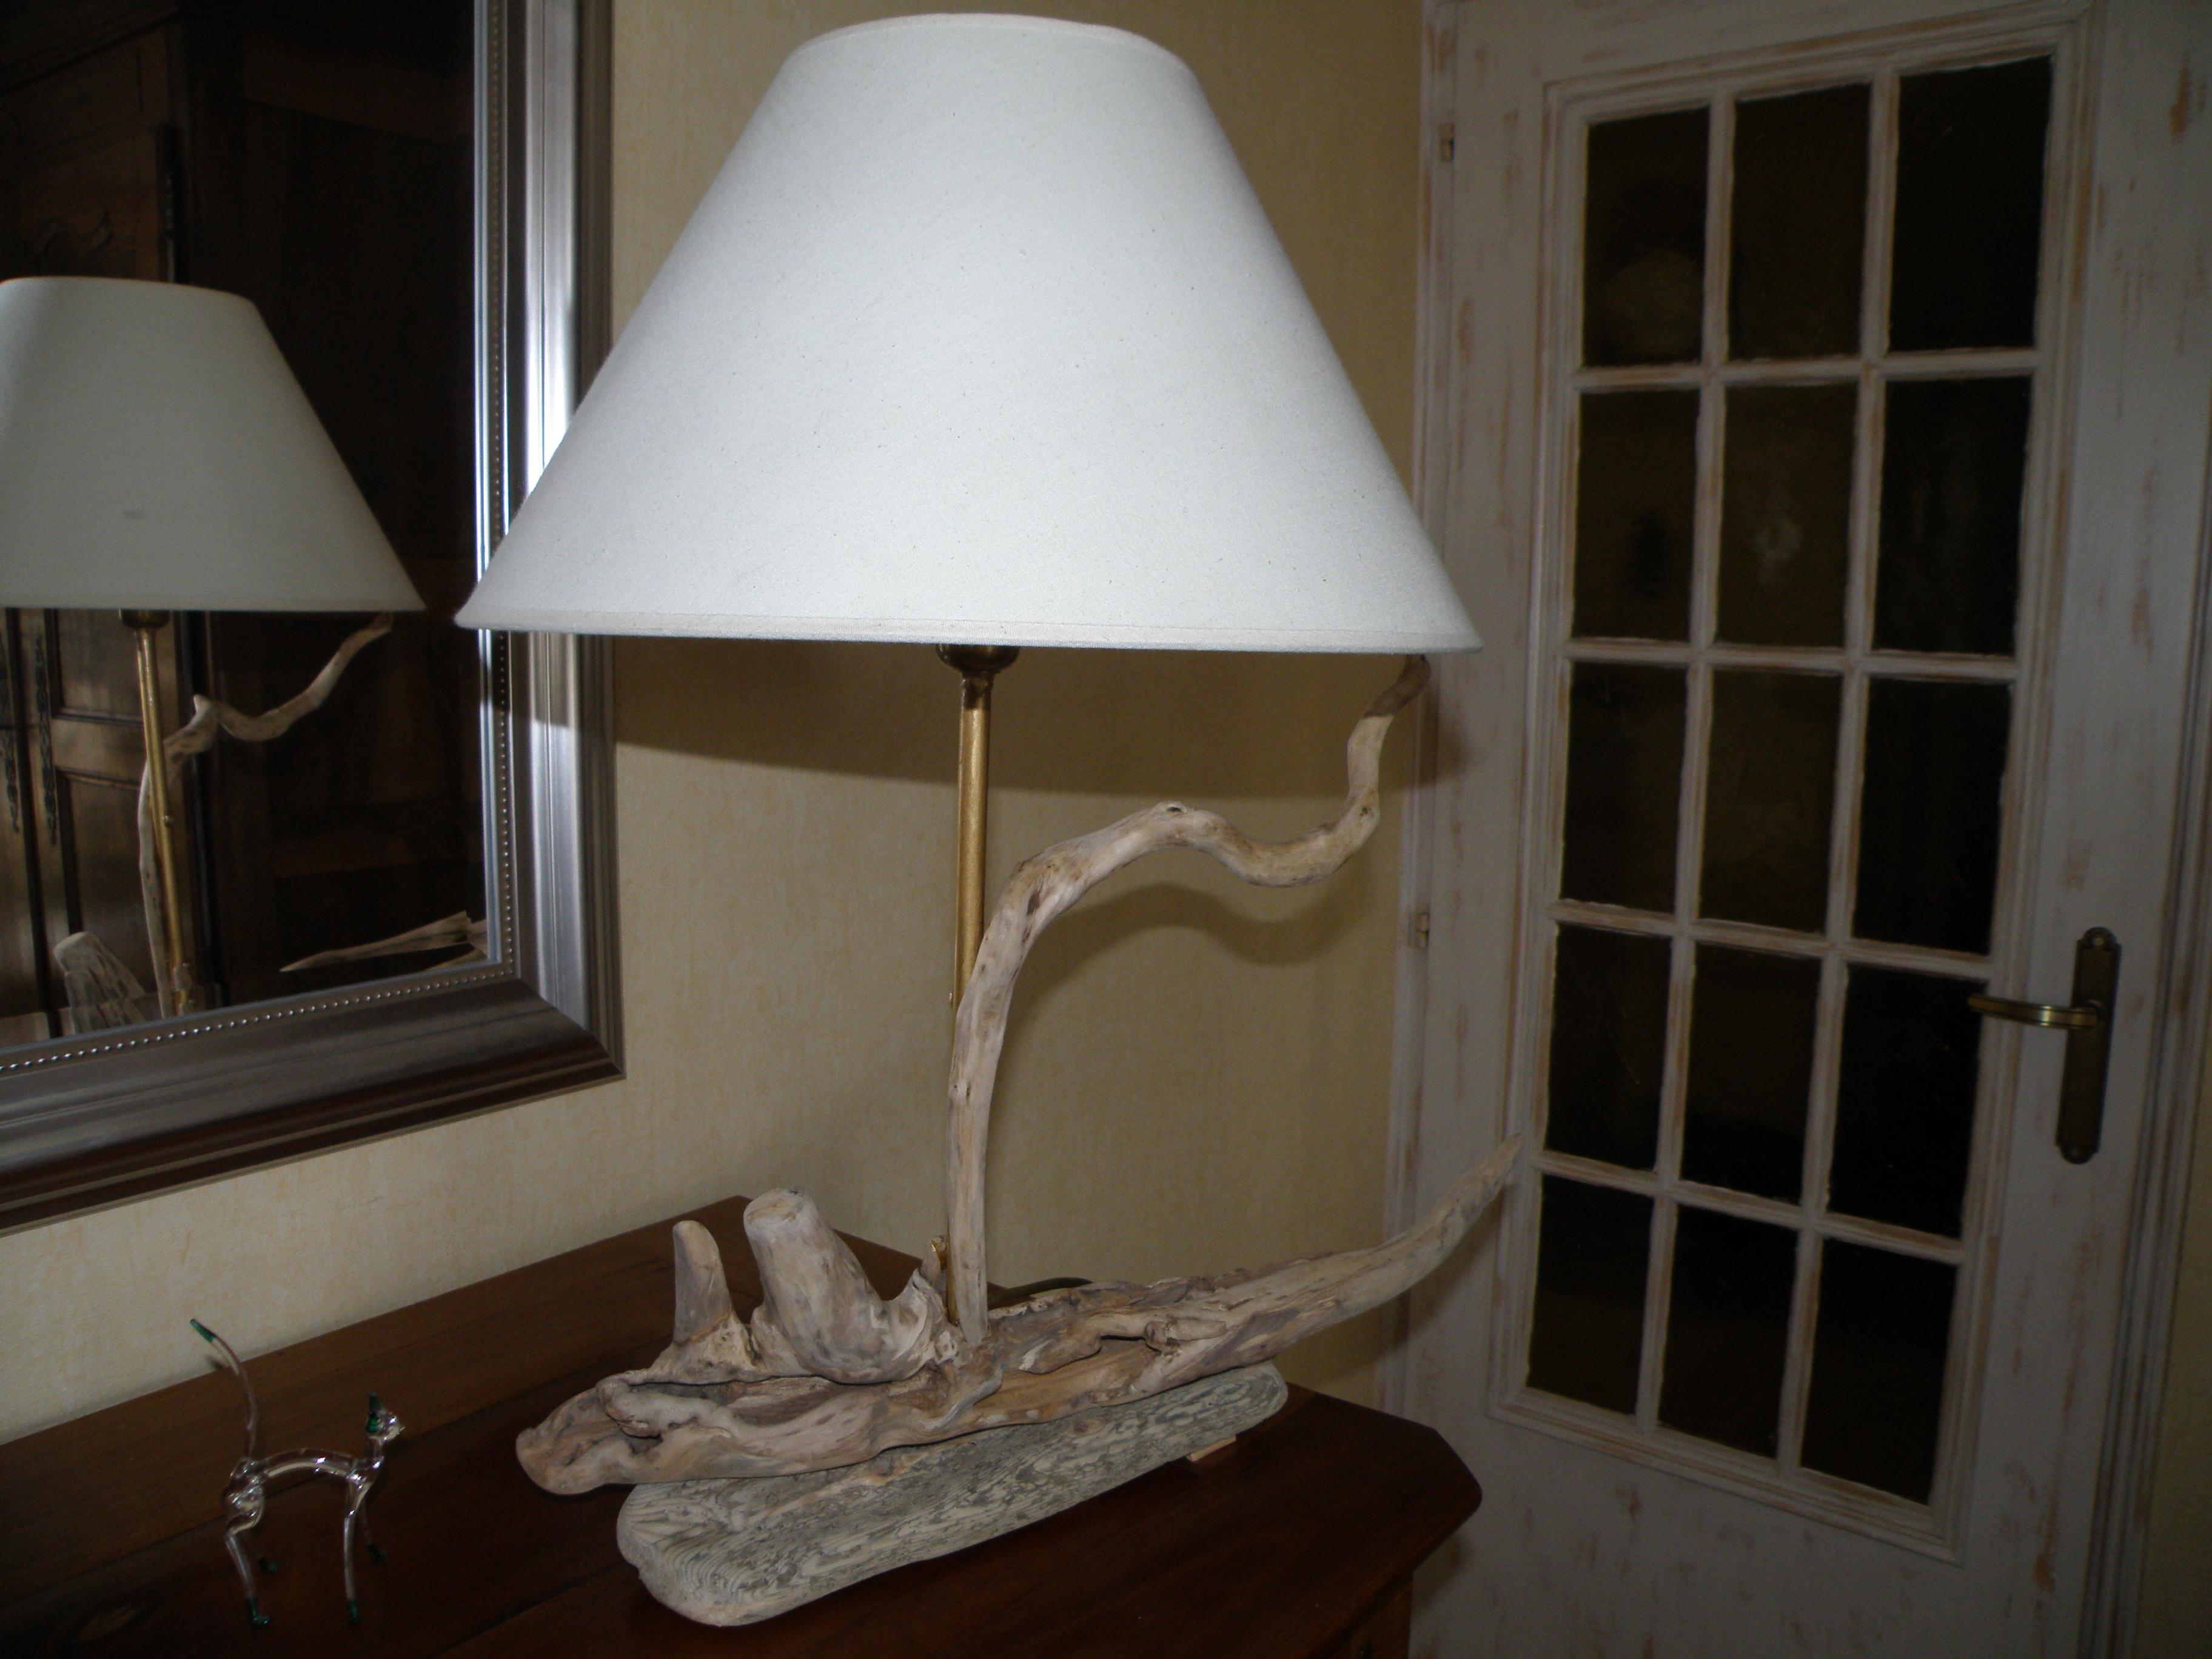 Lampe en bois flott s n 81 for Lampe en bois artisanale